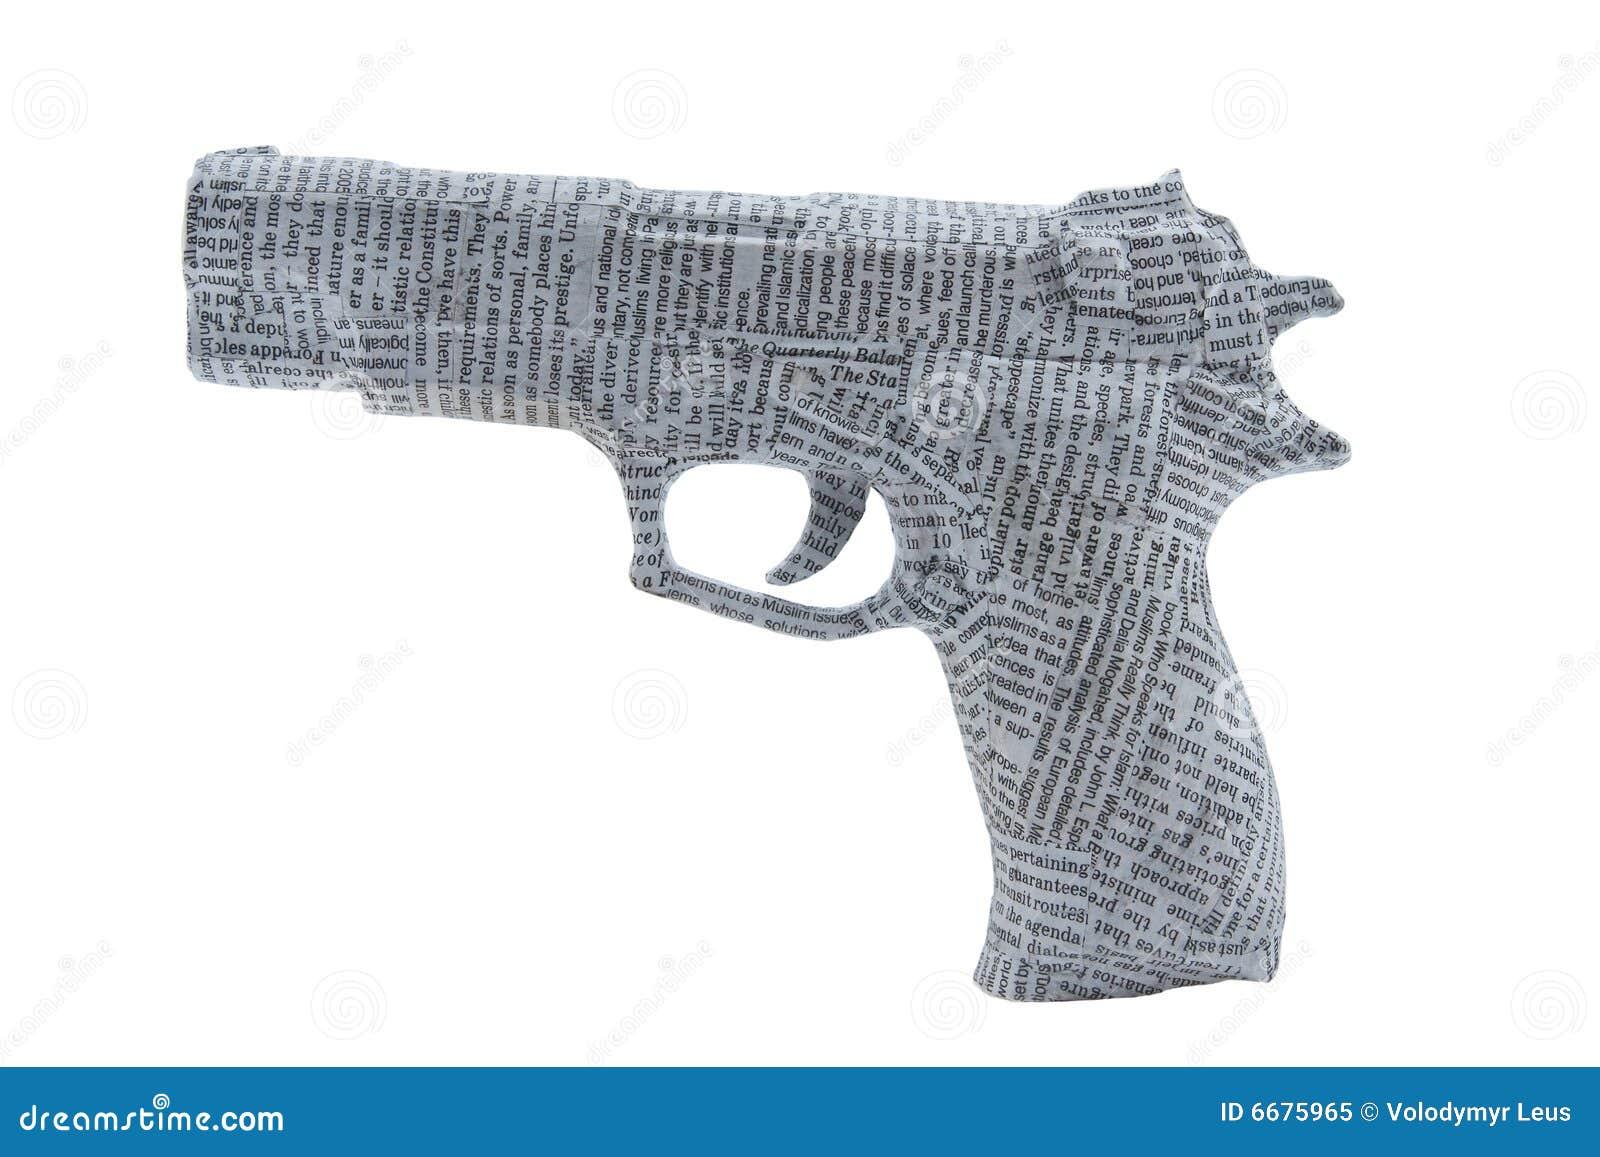 Tightyl de la arma de mano envuelto en periódico